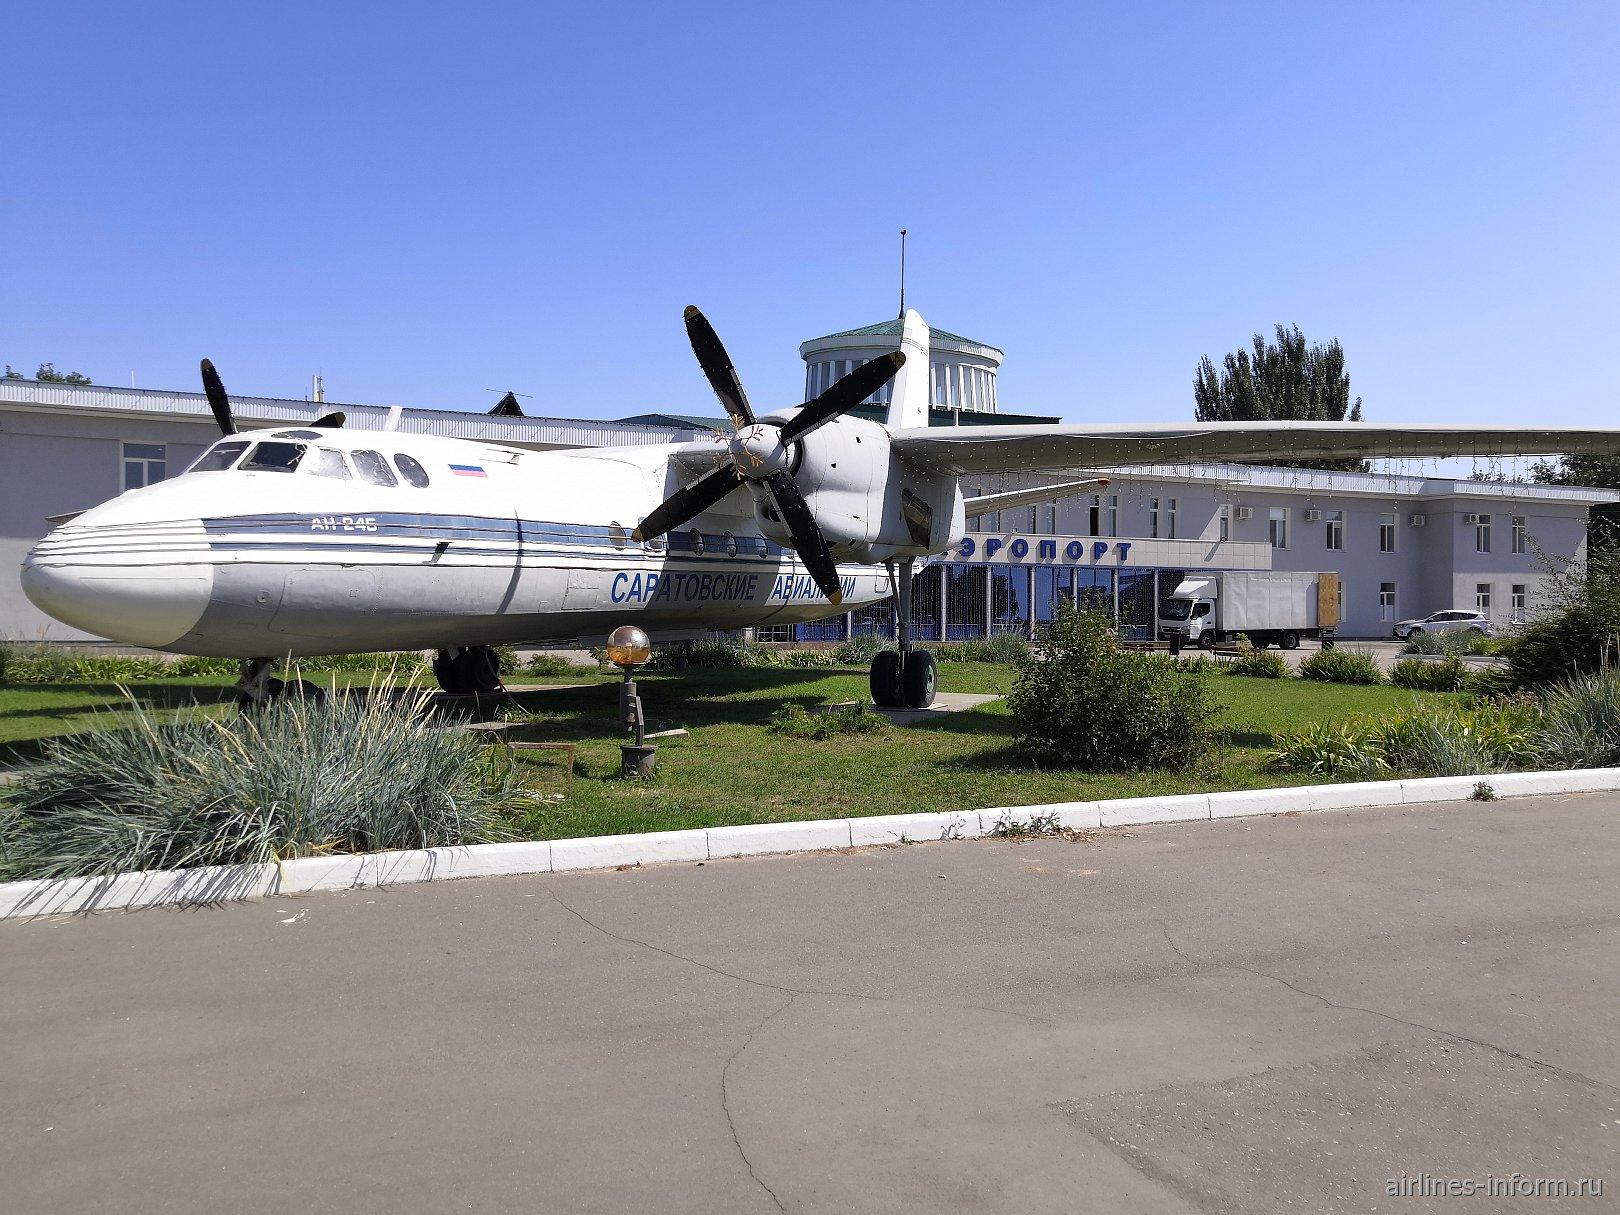 Самолет Ан-24Б в аэропорту Саратов Центральный